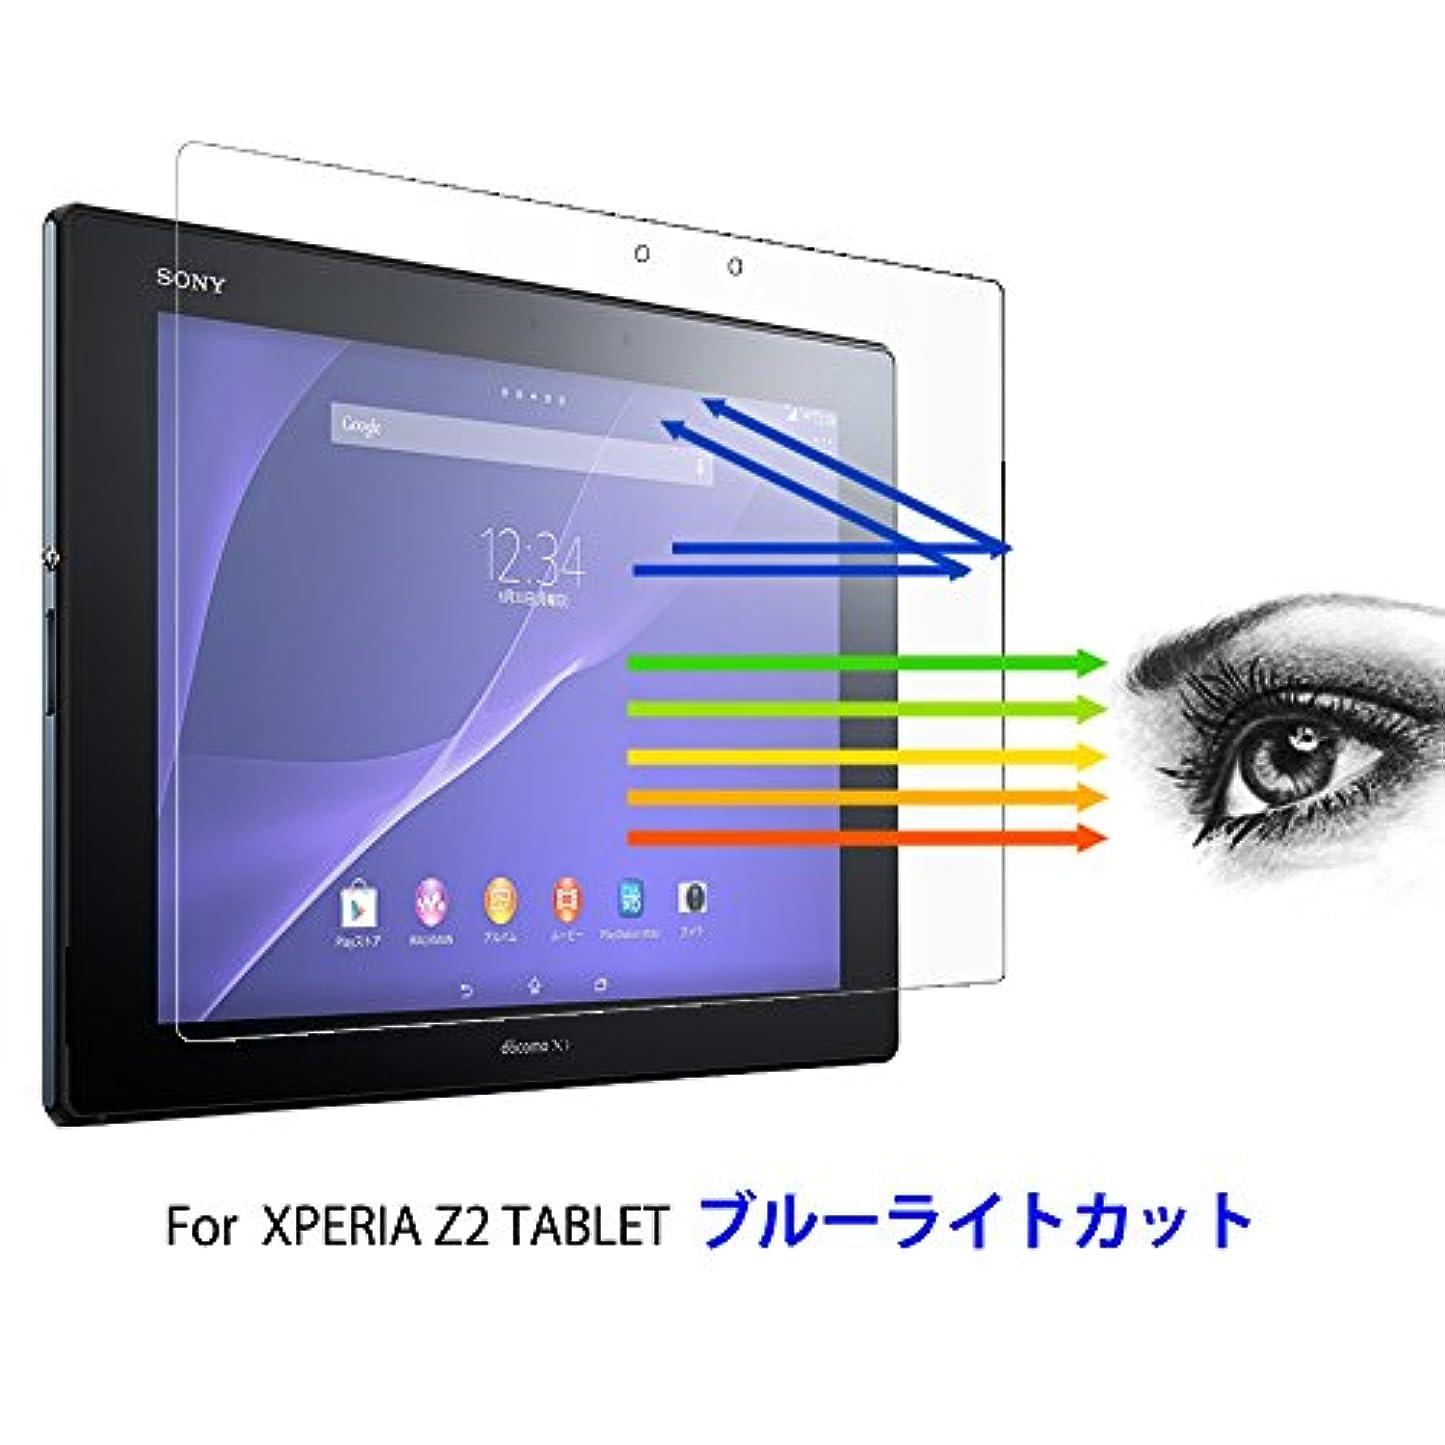 事業内容混合した完全にソニー Z2 タブレット ブルーライトカット 強化 ガラス フィルム for Xperia Z2 Tablet SO-05F 液晶 保護 強化 ガラス フィルム気泡レス ゼロ 硬度9H 2.5D 耐衝撃 撥油性 飛散防止日本板硝子社国産ガラス採用 (Xperia Z2 Tabletブルー)